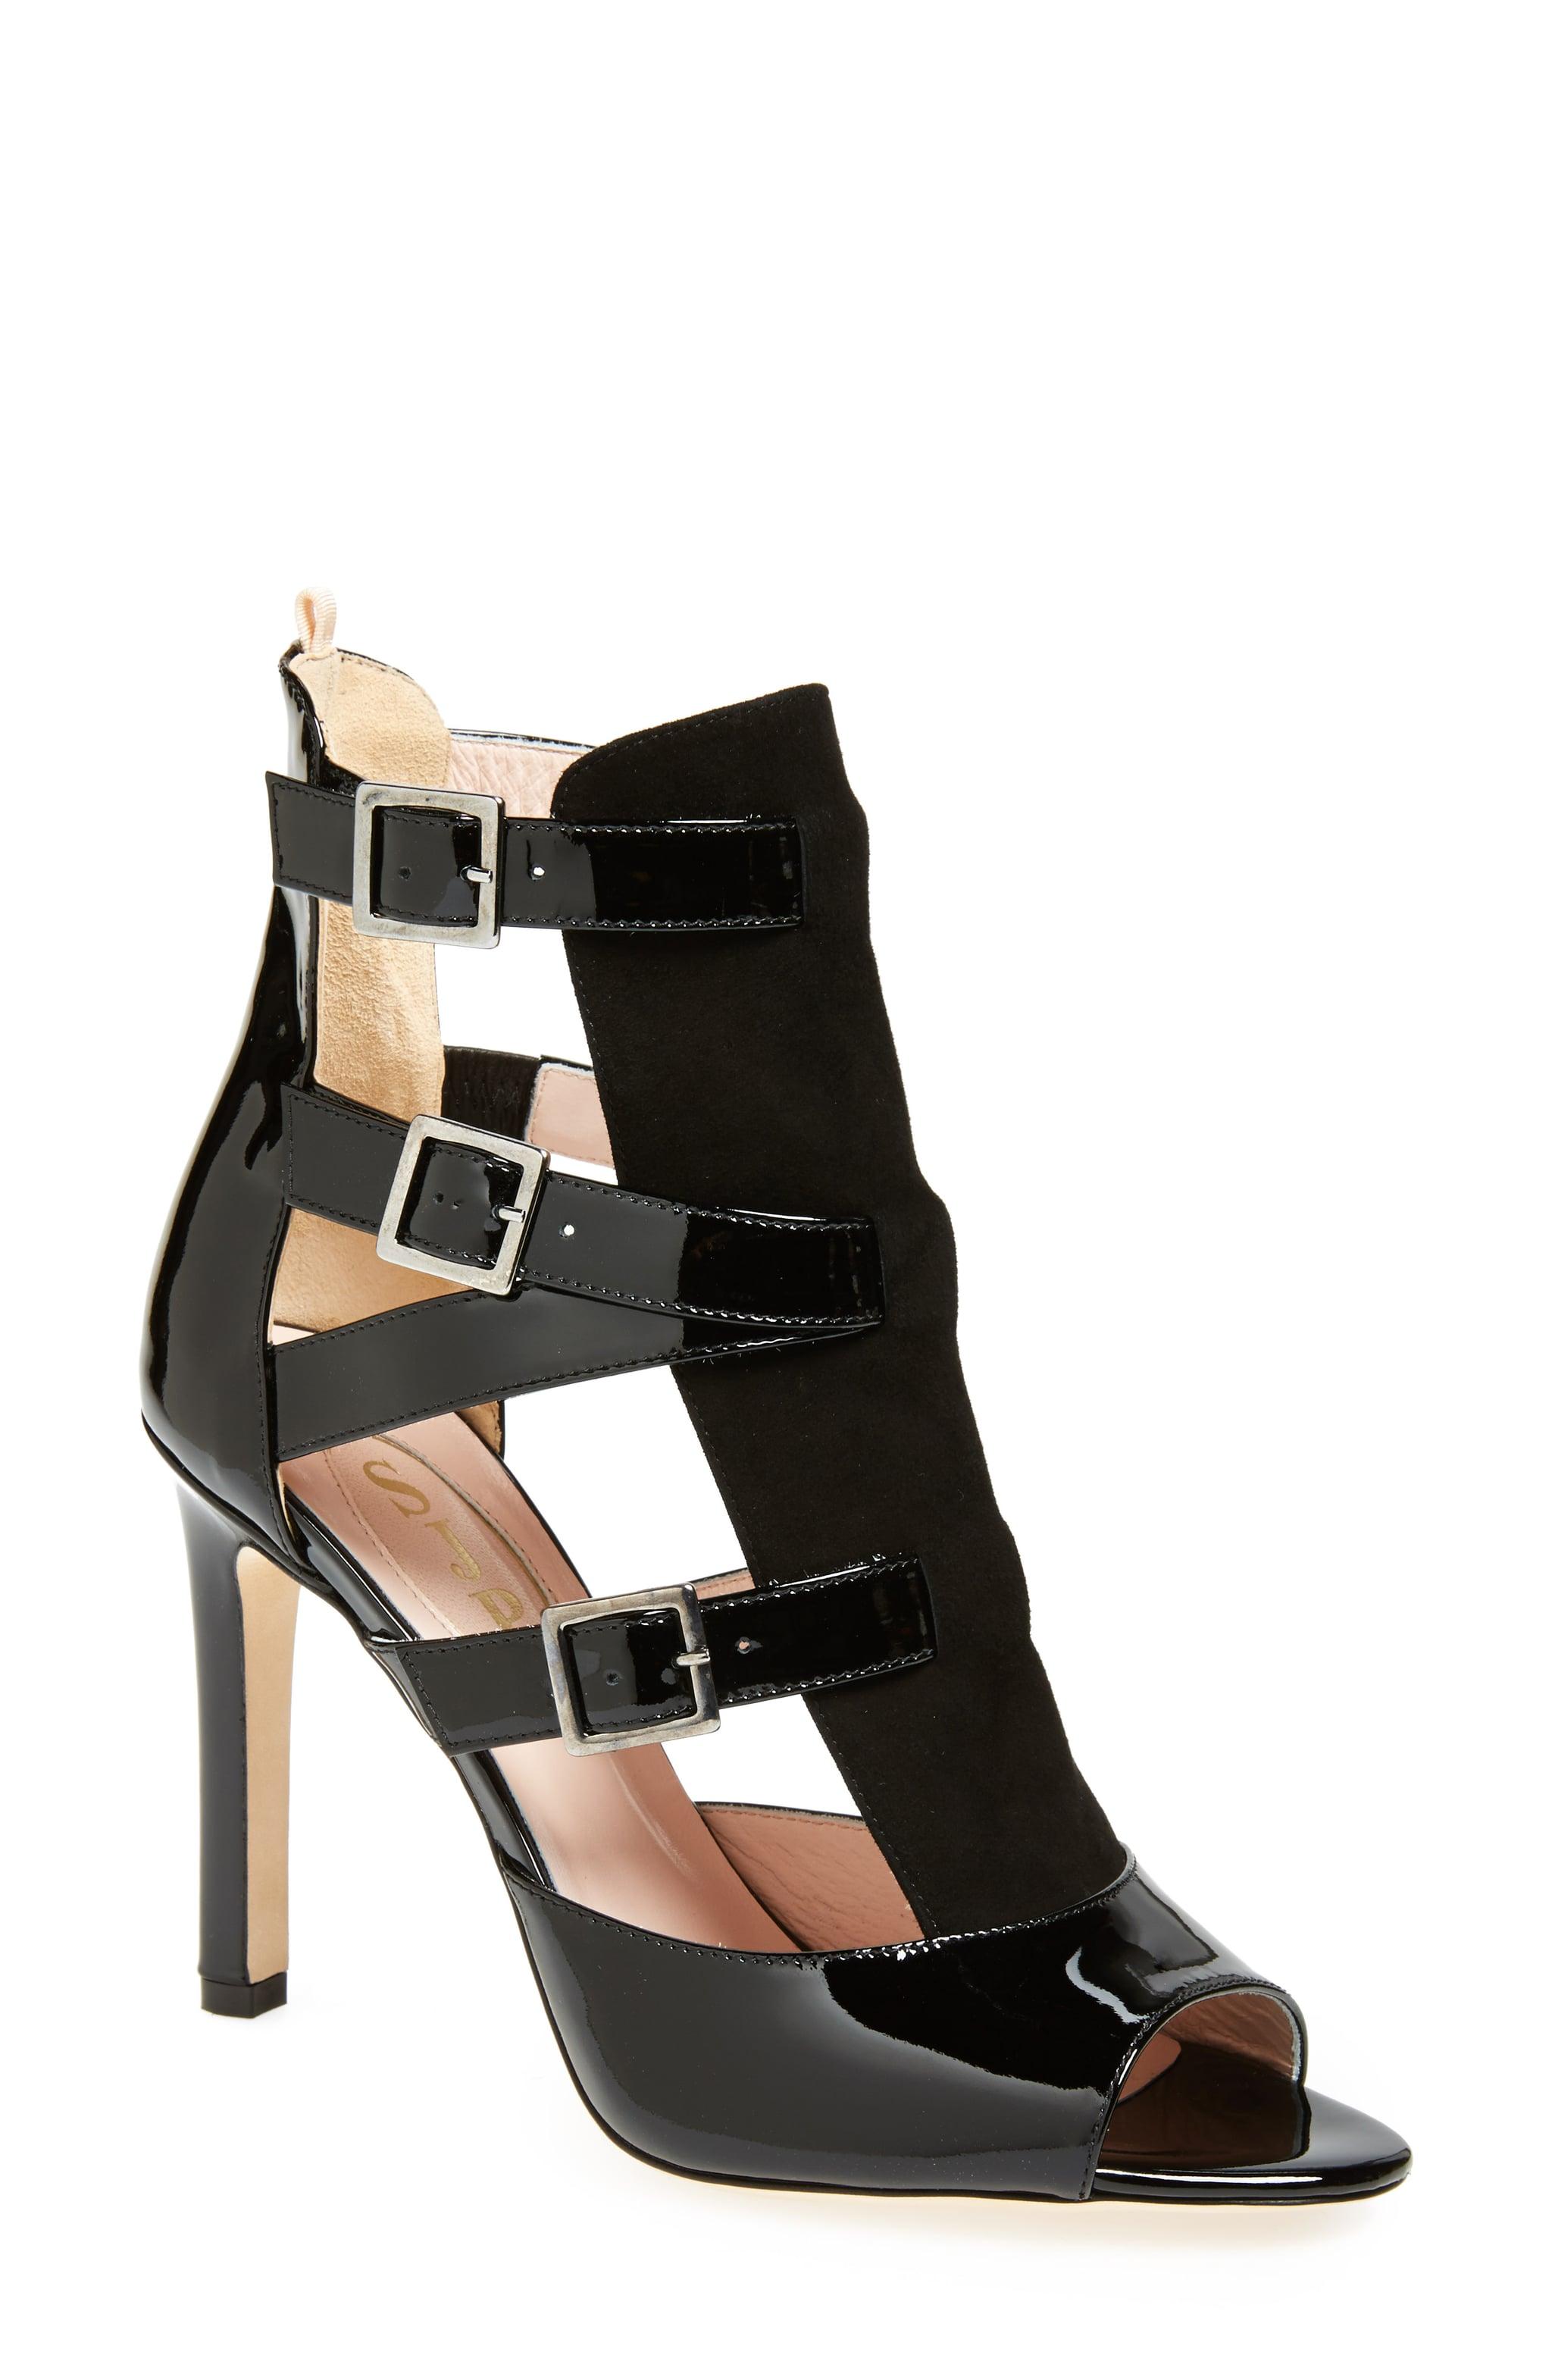 Gina in Black, $455